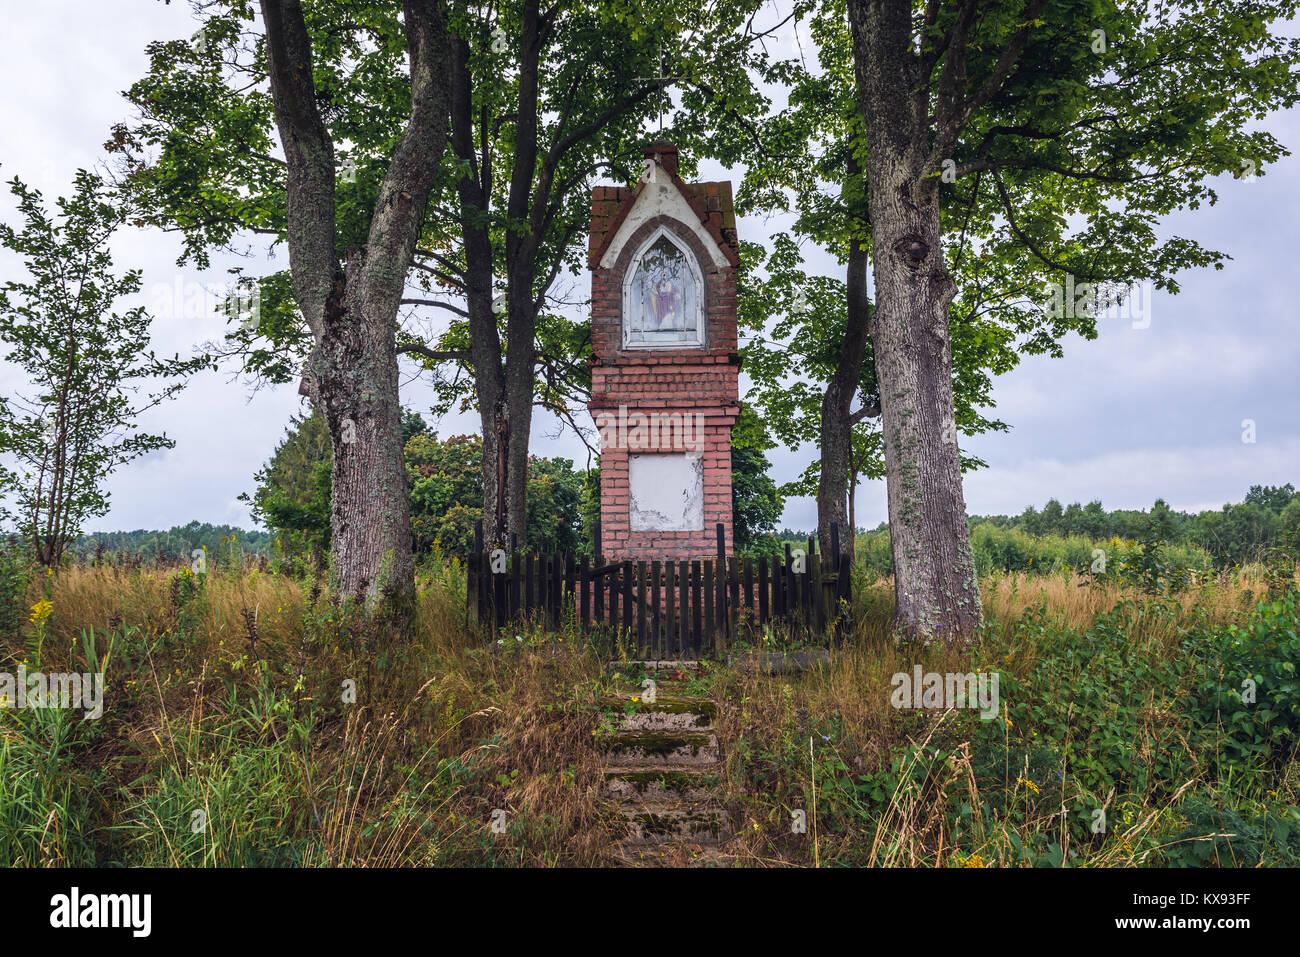 Kleinen Schrein in Pajtuny Dorf in der Woiwodschaft Ermland-Masuren in Polen Stockbild